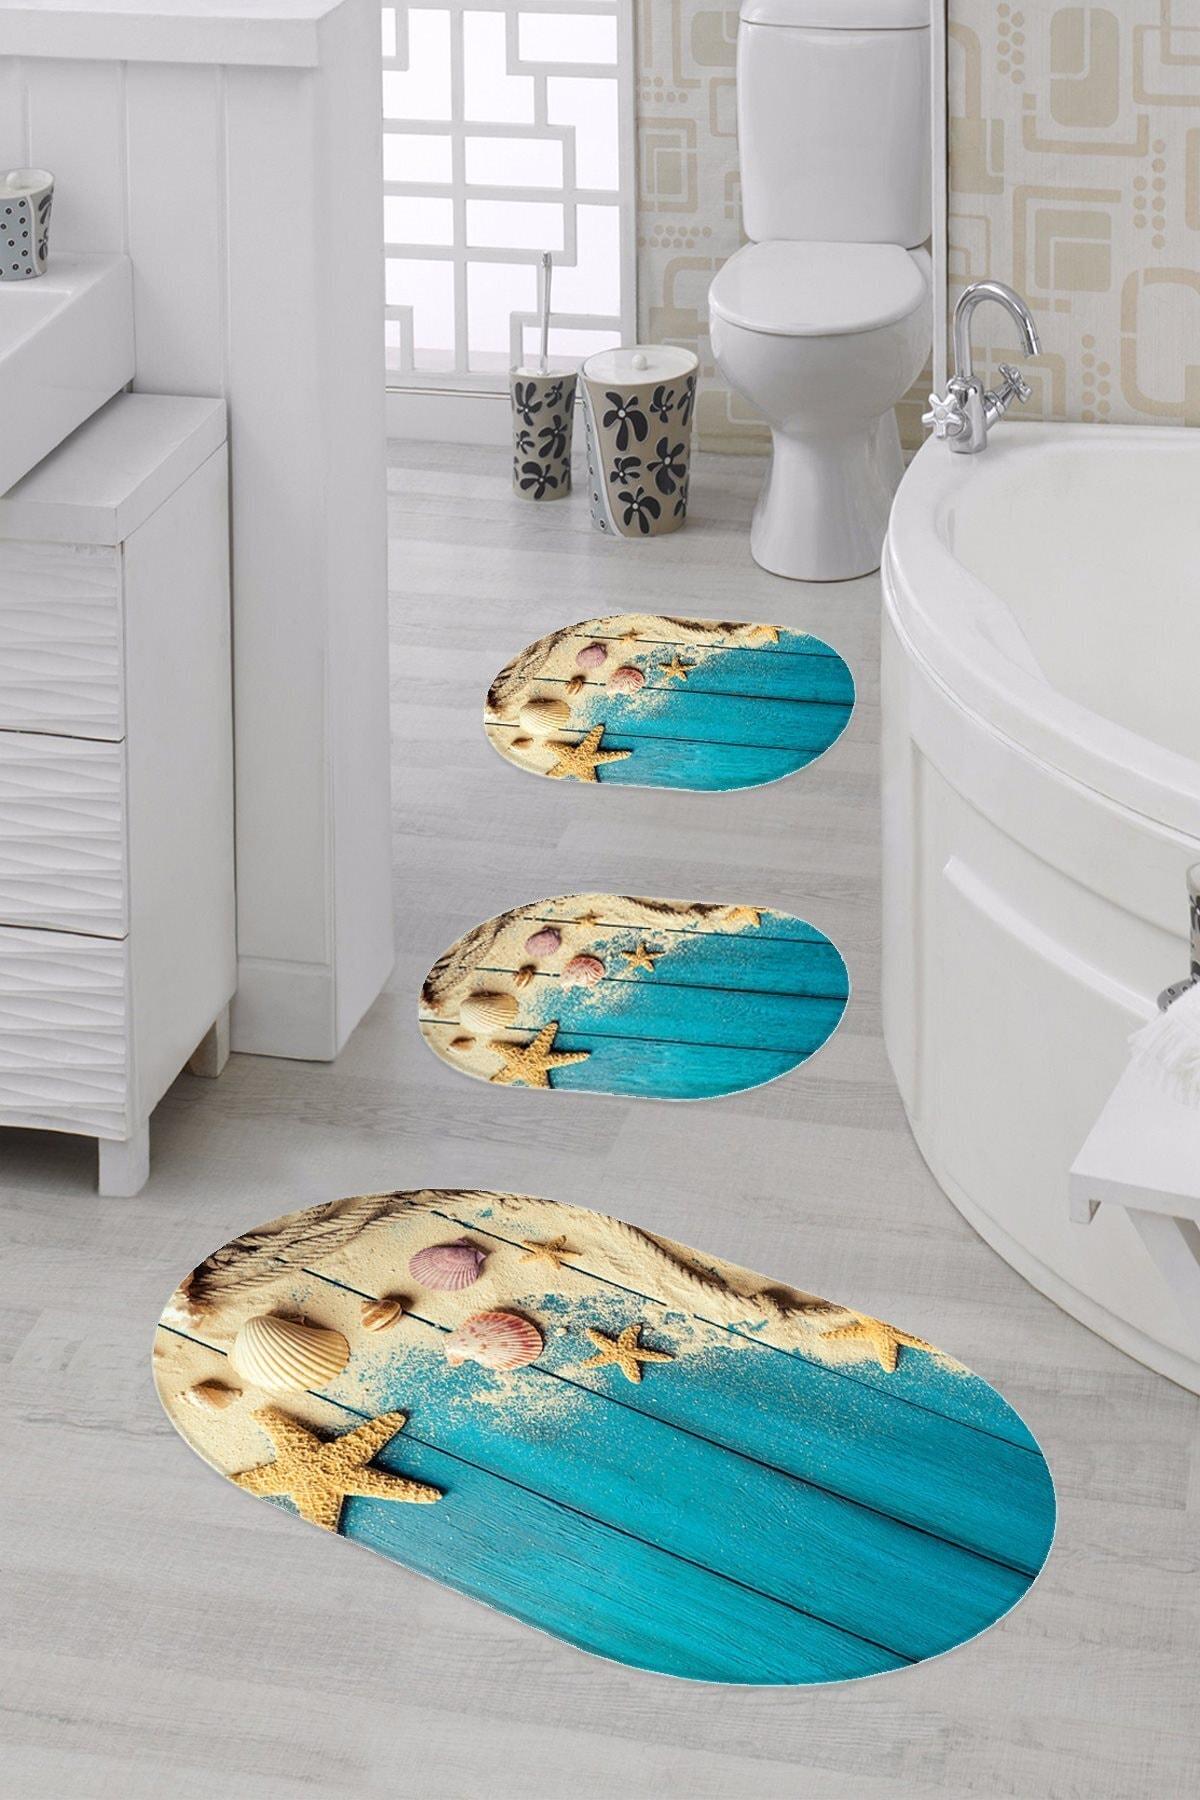 elleser Dijital Baskılı Kaymaz Tabanlı 3'lü Oval Banyo Paspas Seti